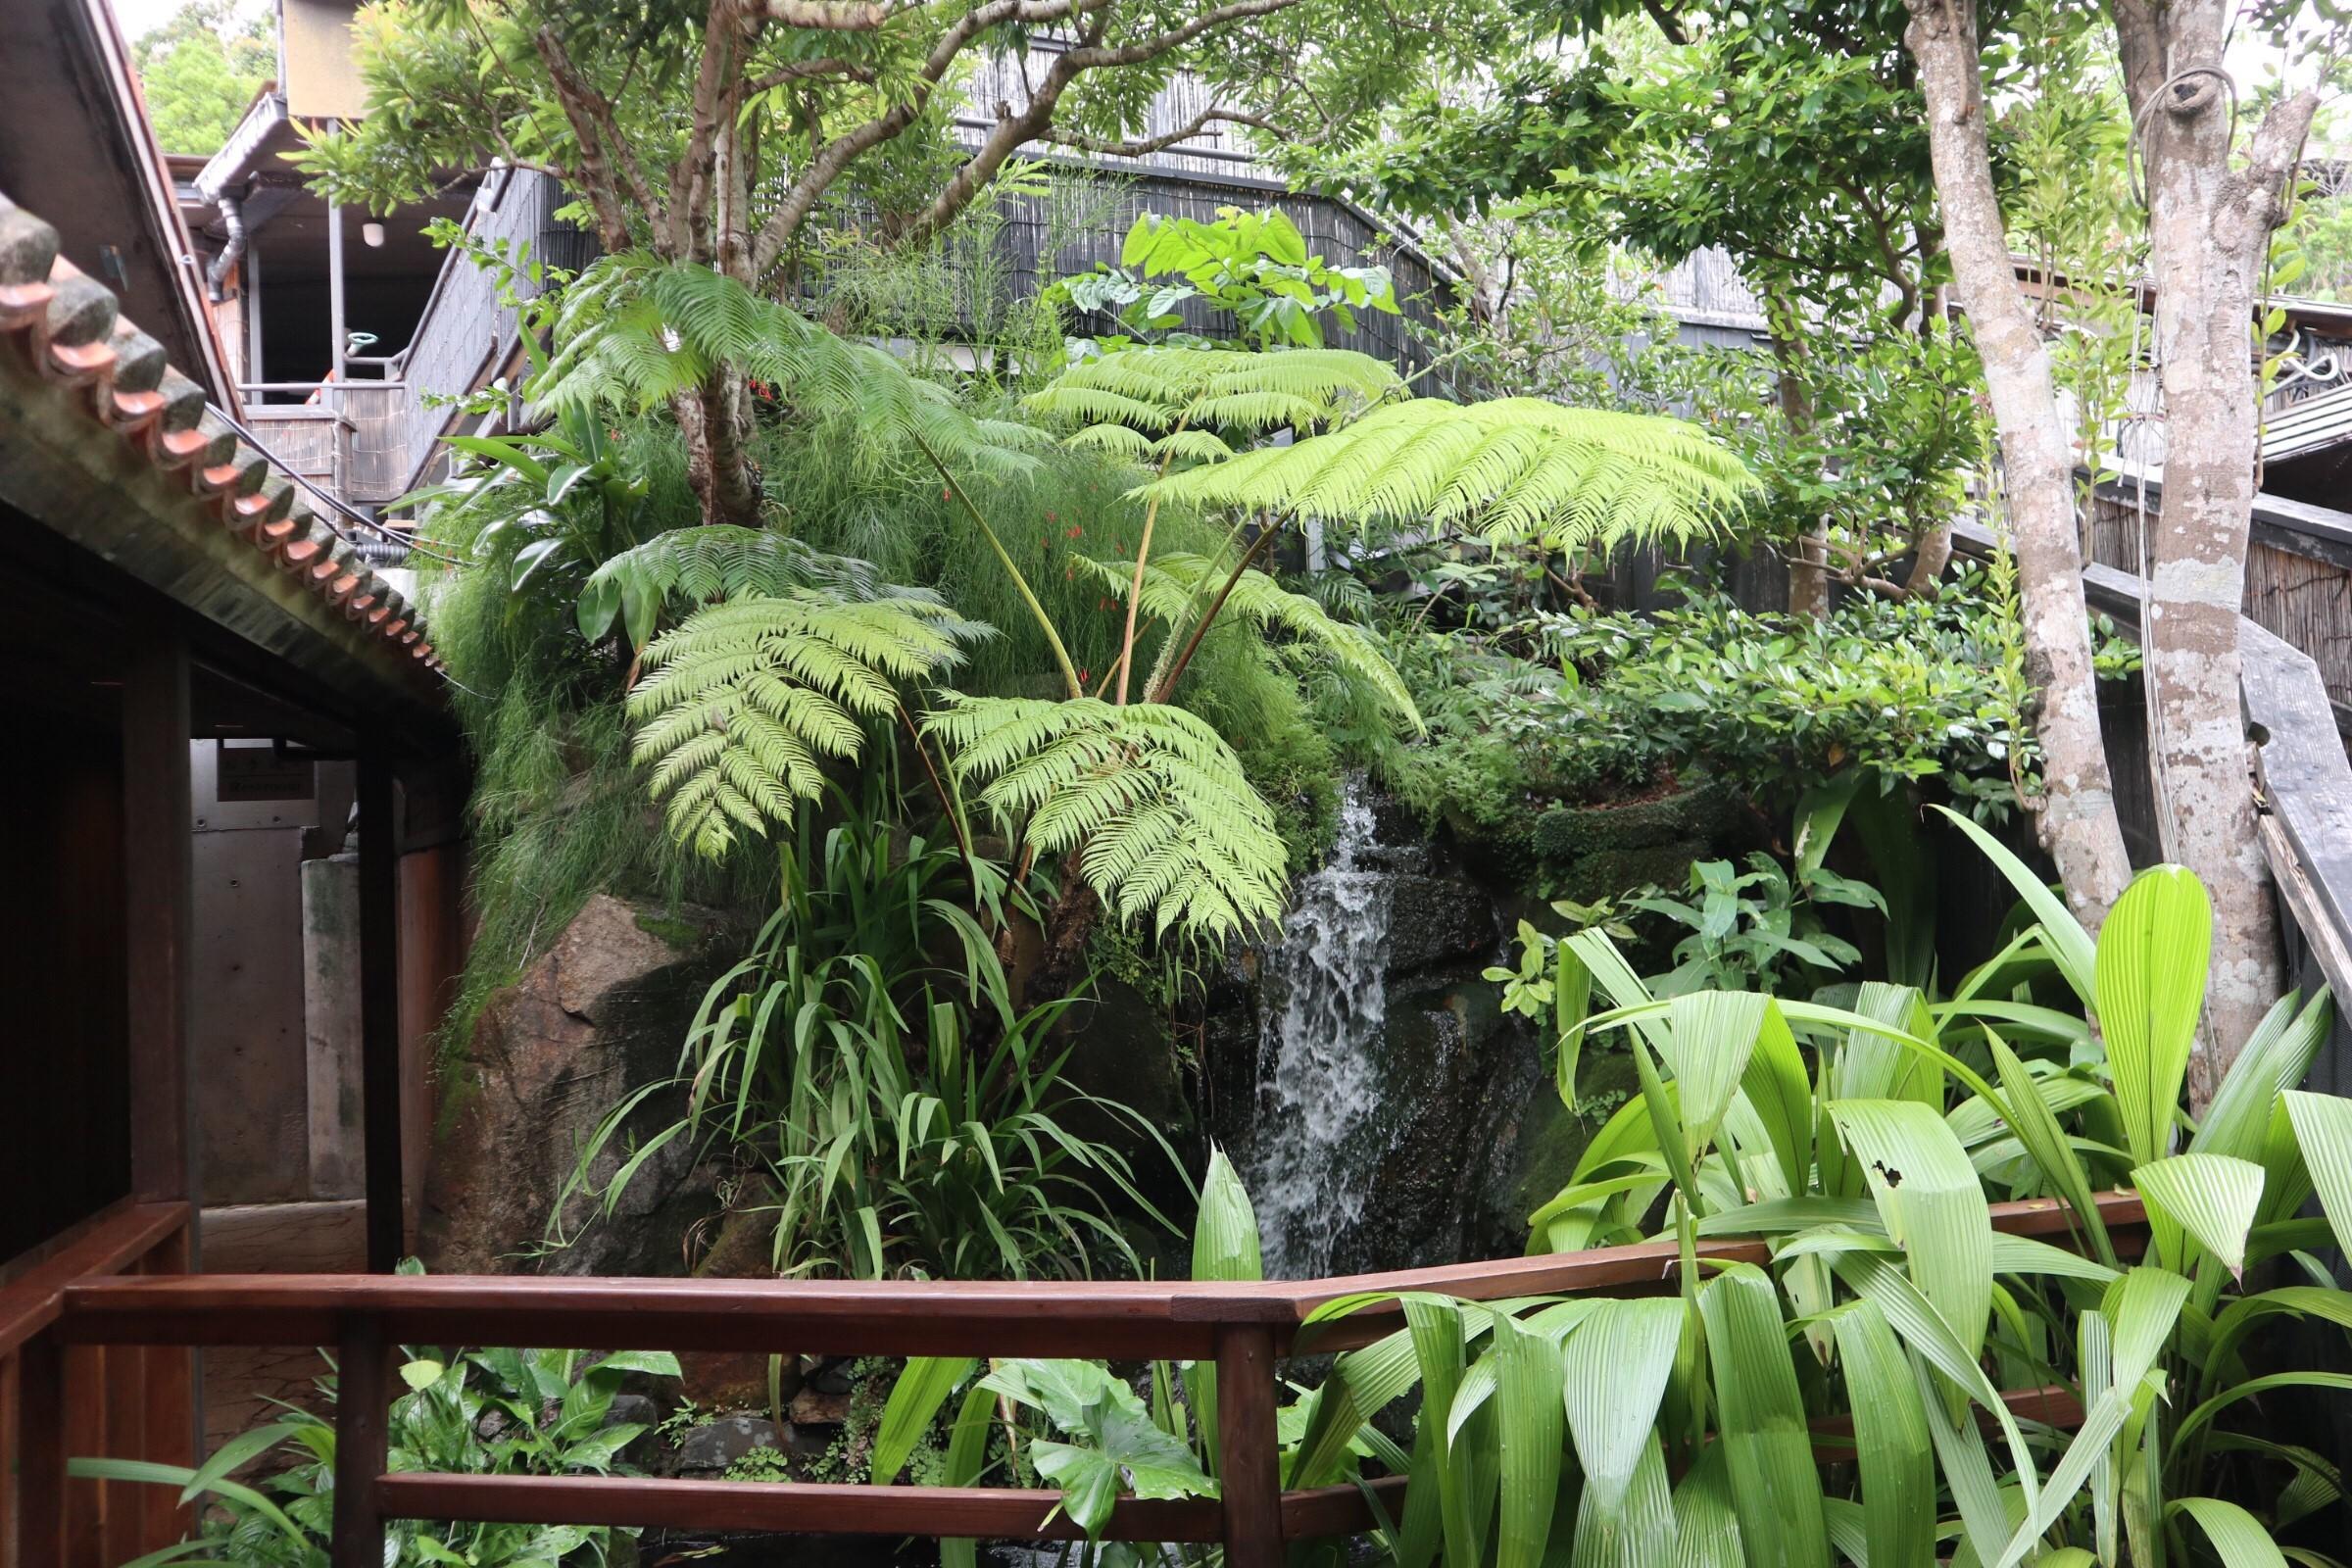 沖縄らしさも日本らしさも感じる庭園